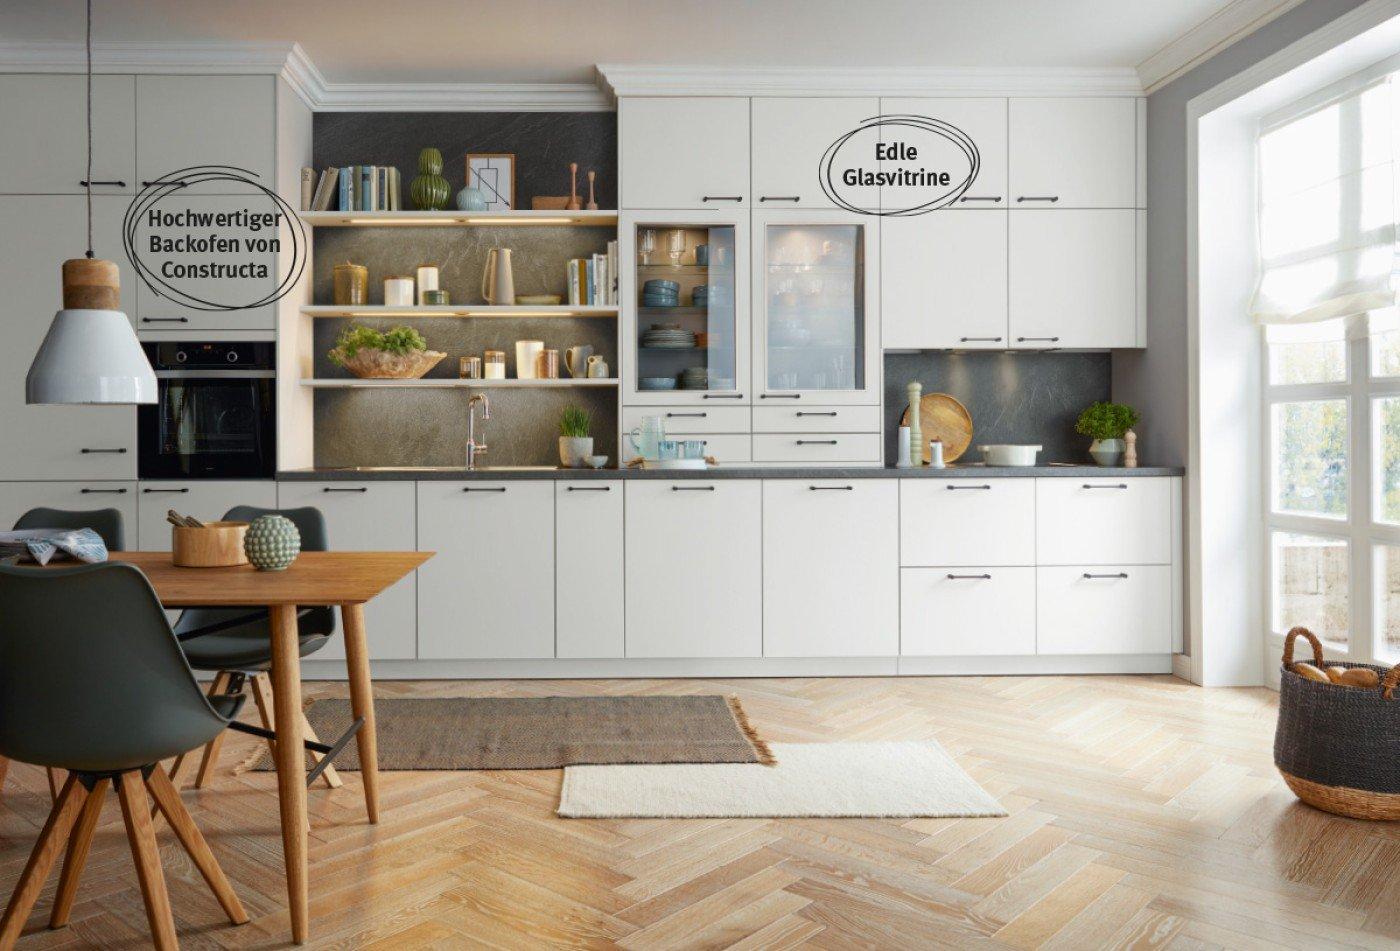 Wohnküche mit extra Stauraum